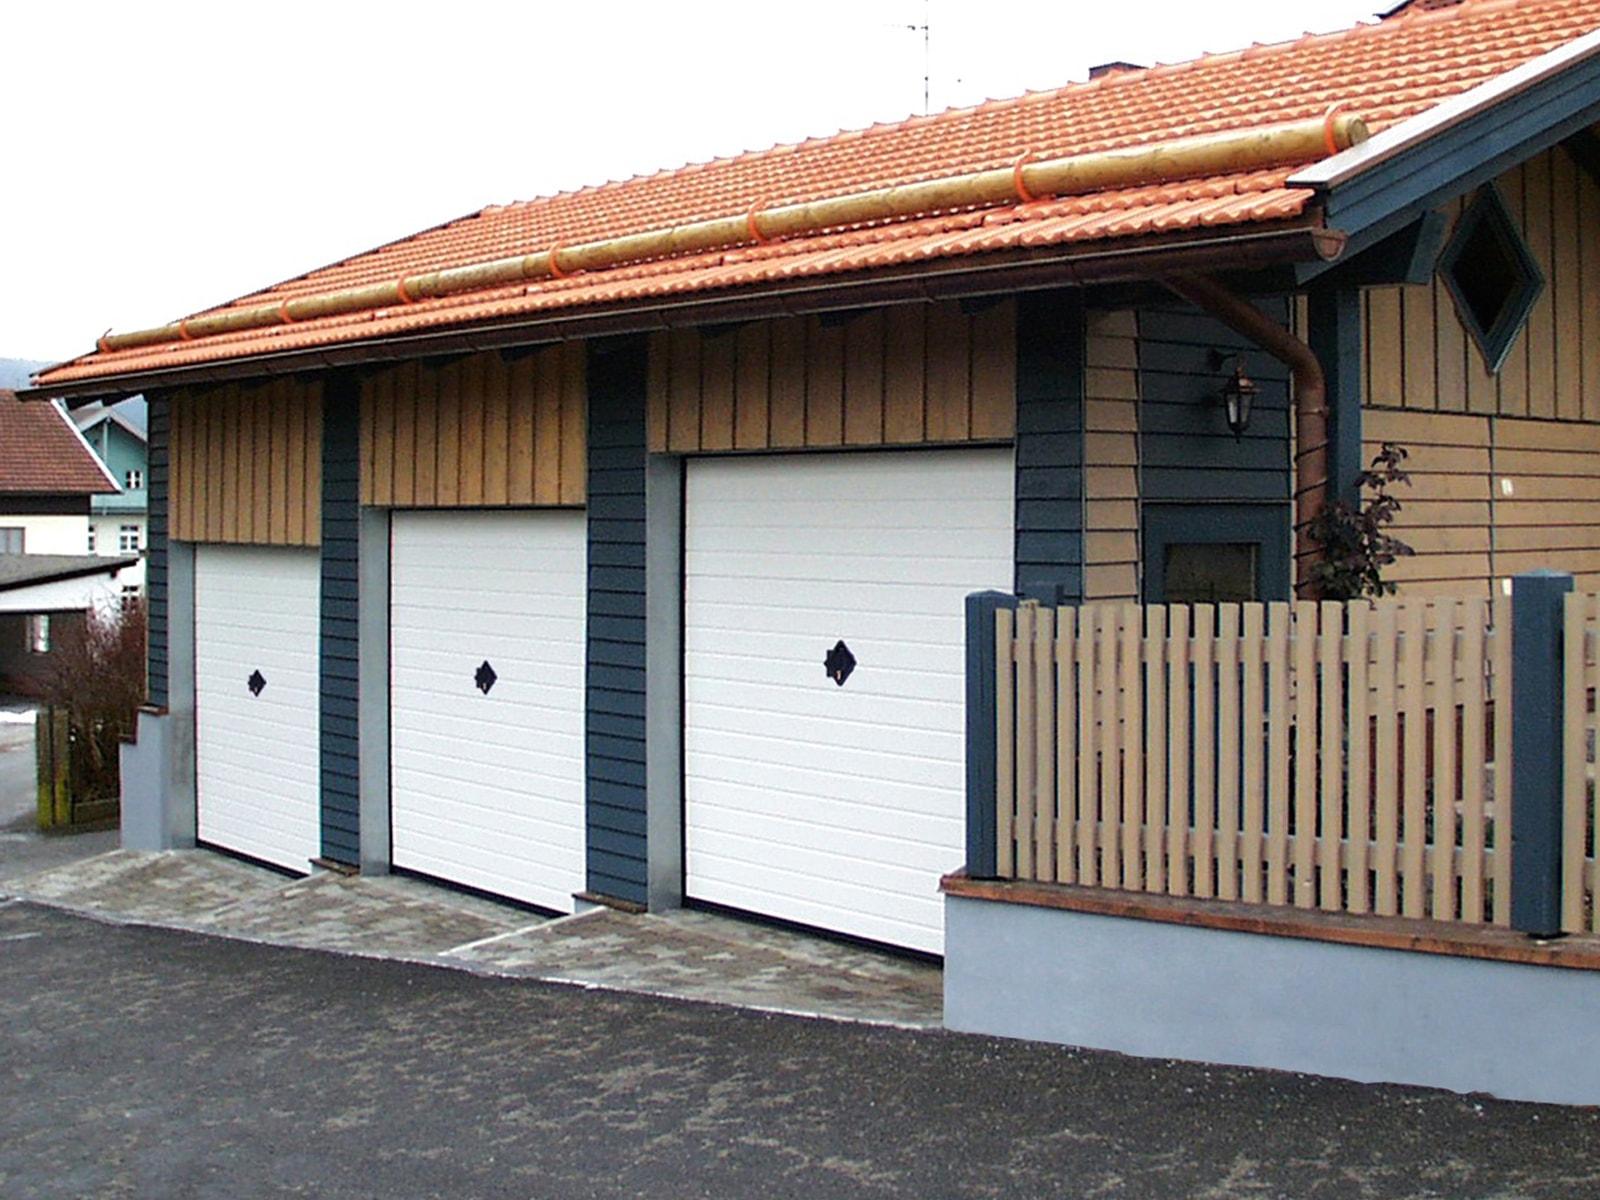 Portone residenziale a manto fisso breda bascu line basculino - Proteggere basculante garage ...